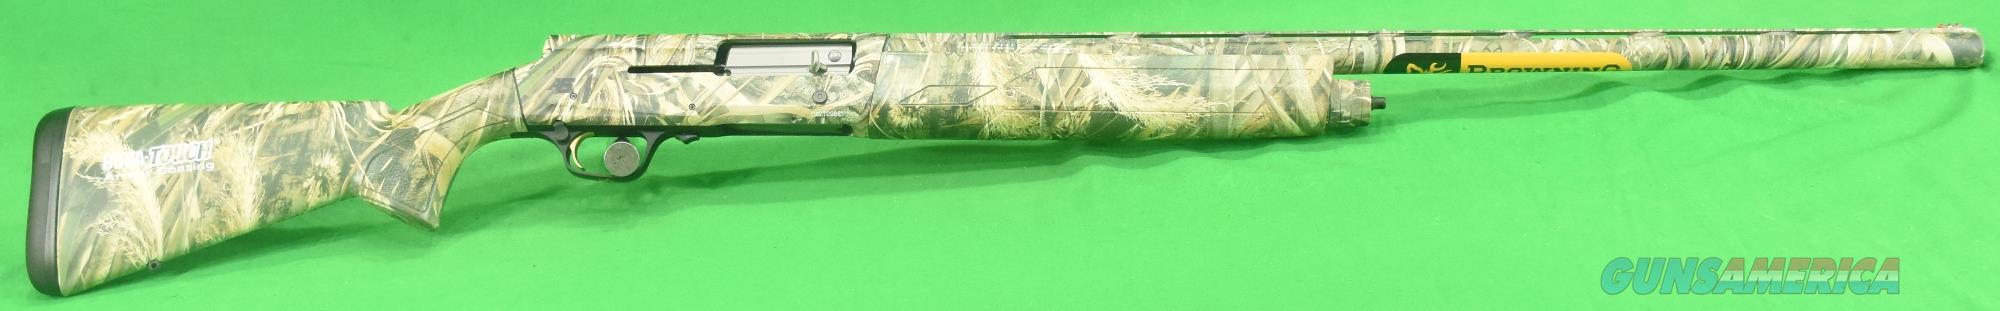 A5 Realtree Max5 12Ga 28-3.5In  0118212004  Guns > Shotguns > Browning Shotguns > Autoloaders > Hunting